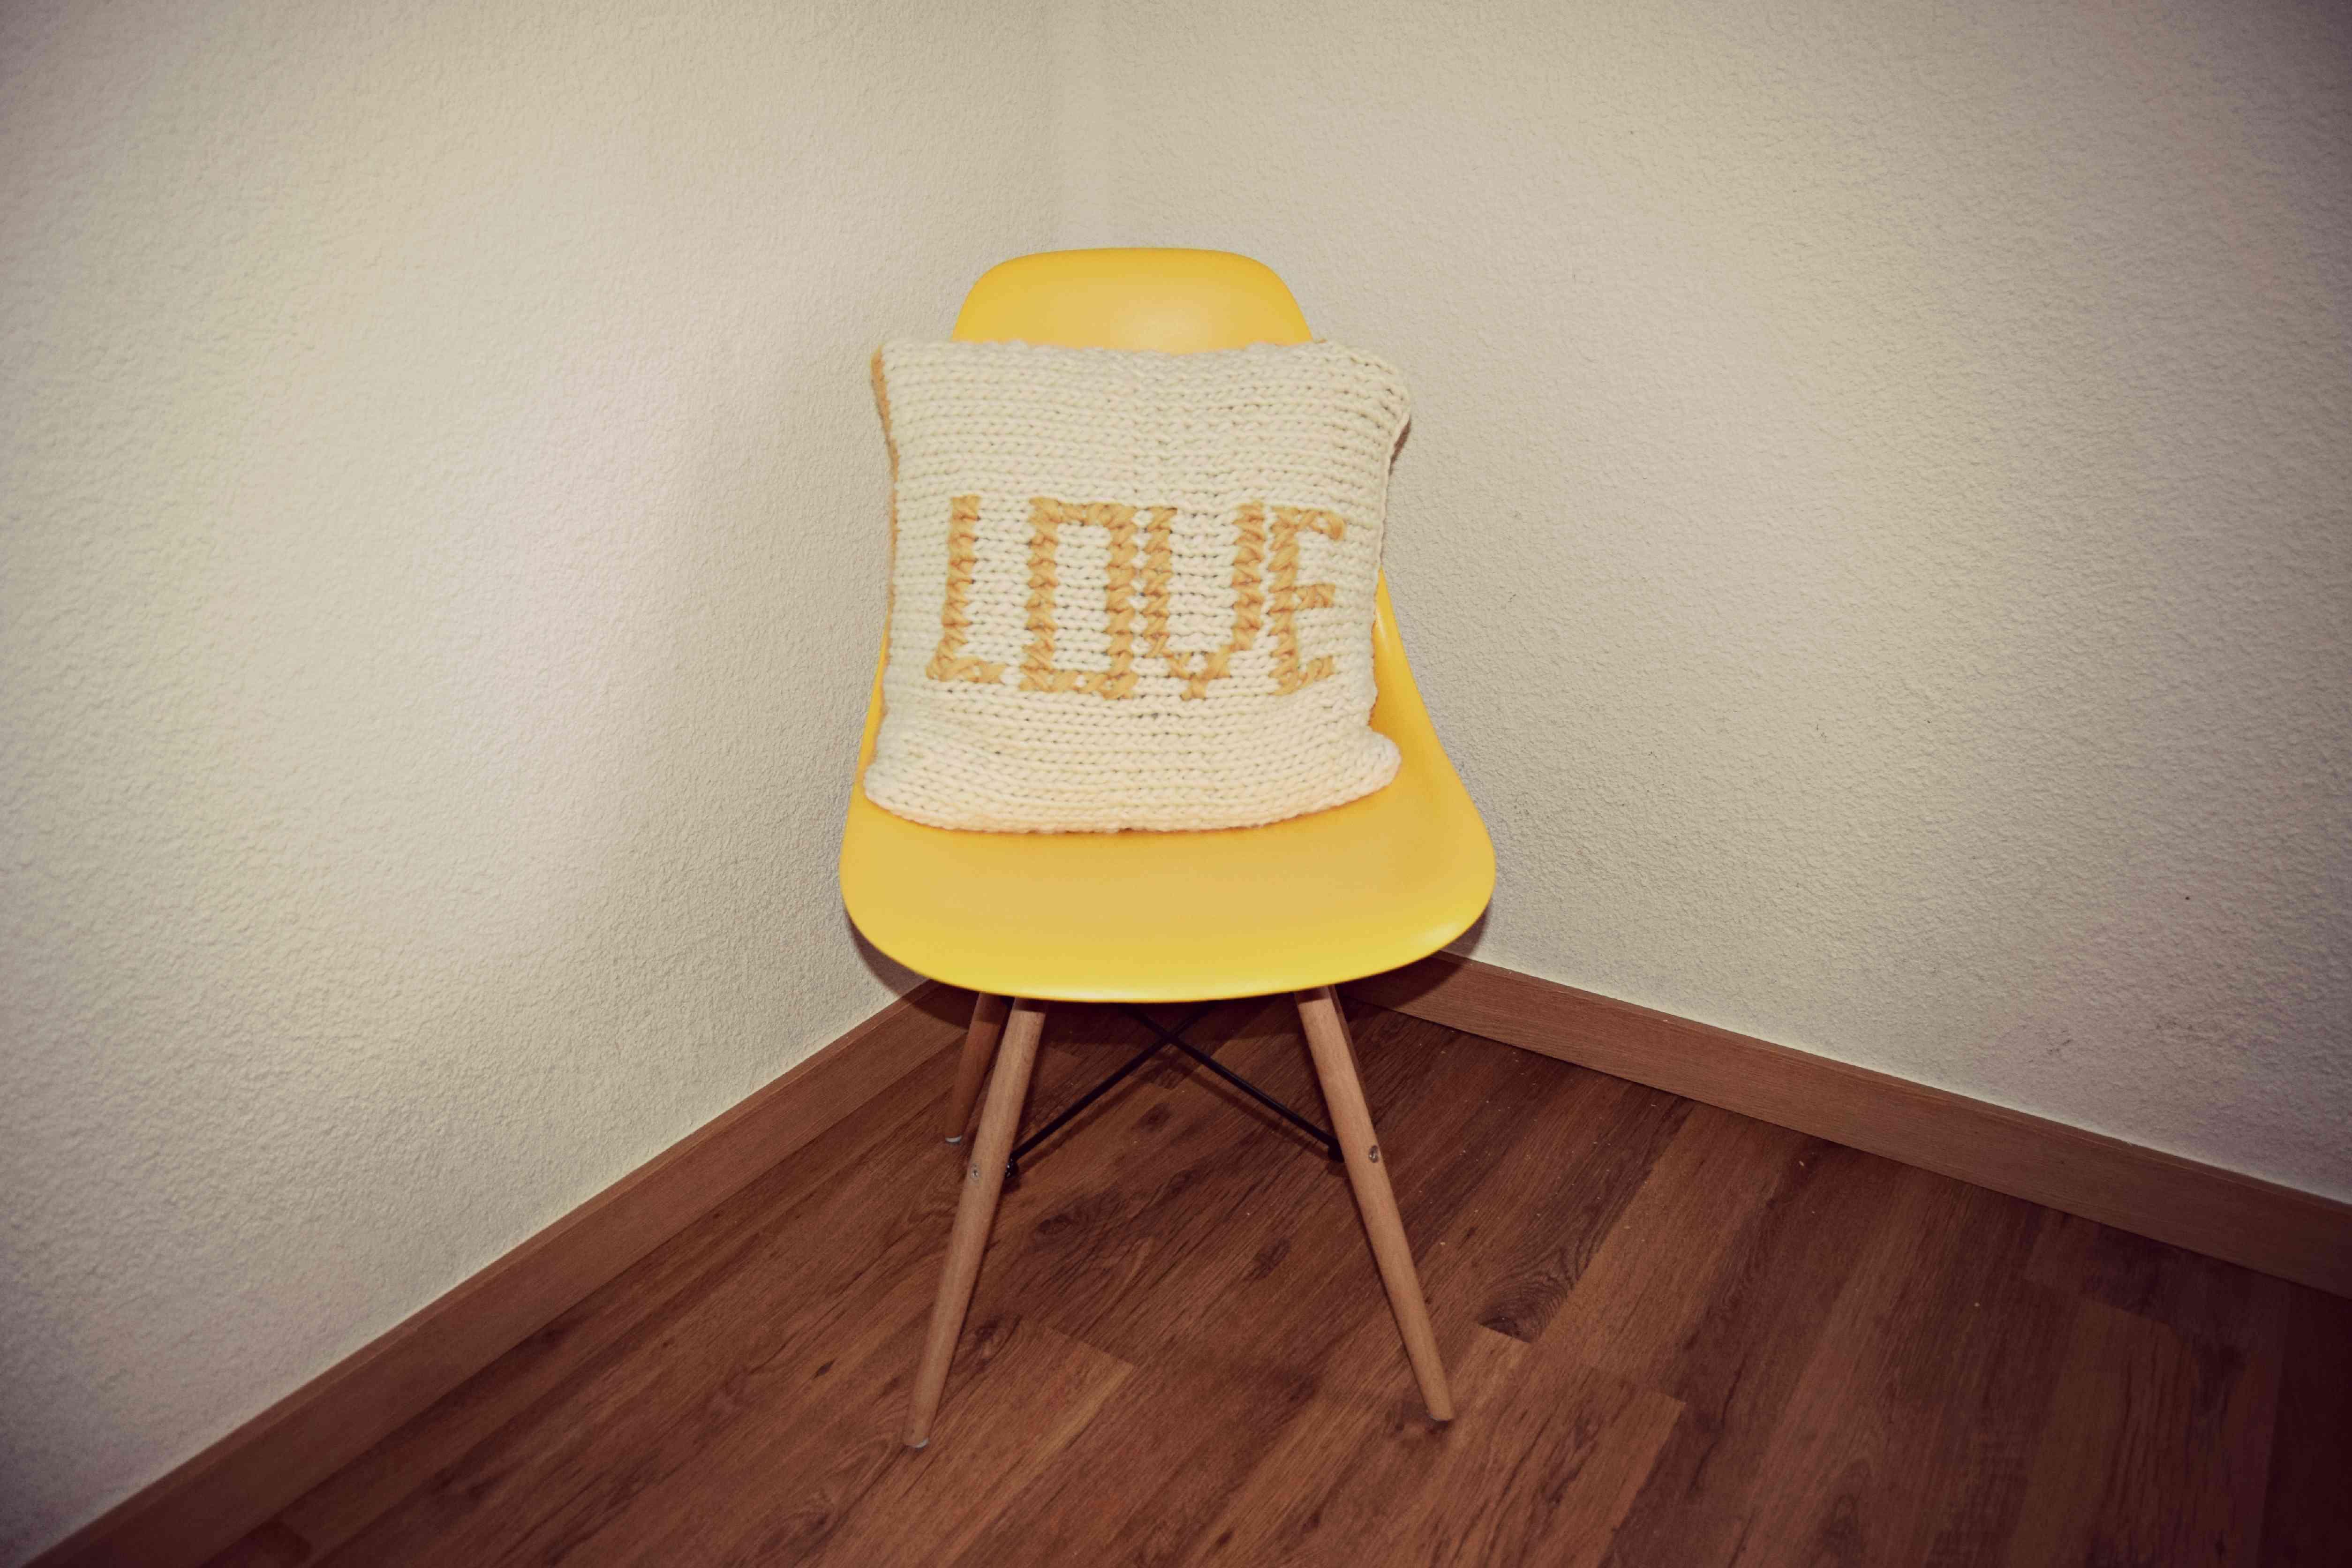 bordar a punto de cruz - silla EAMES con cojin de lana bordado en punto de cruz 2